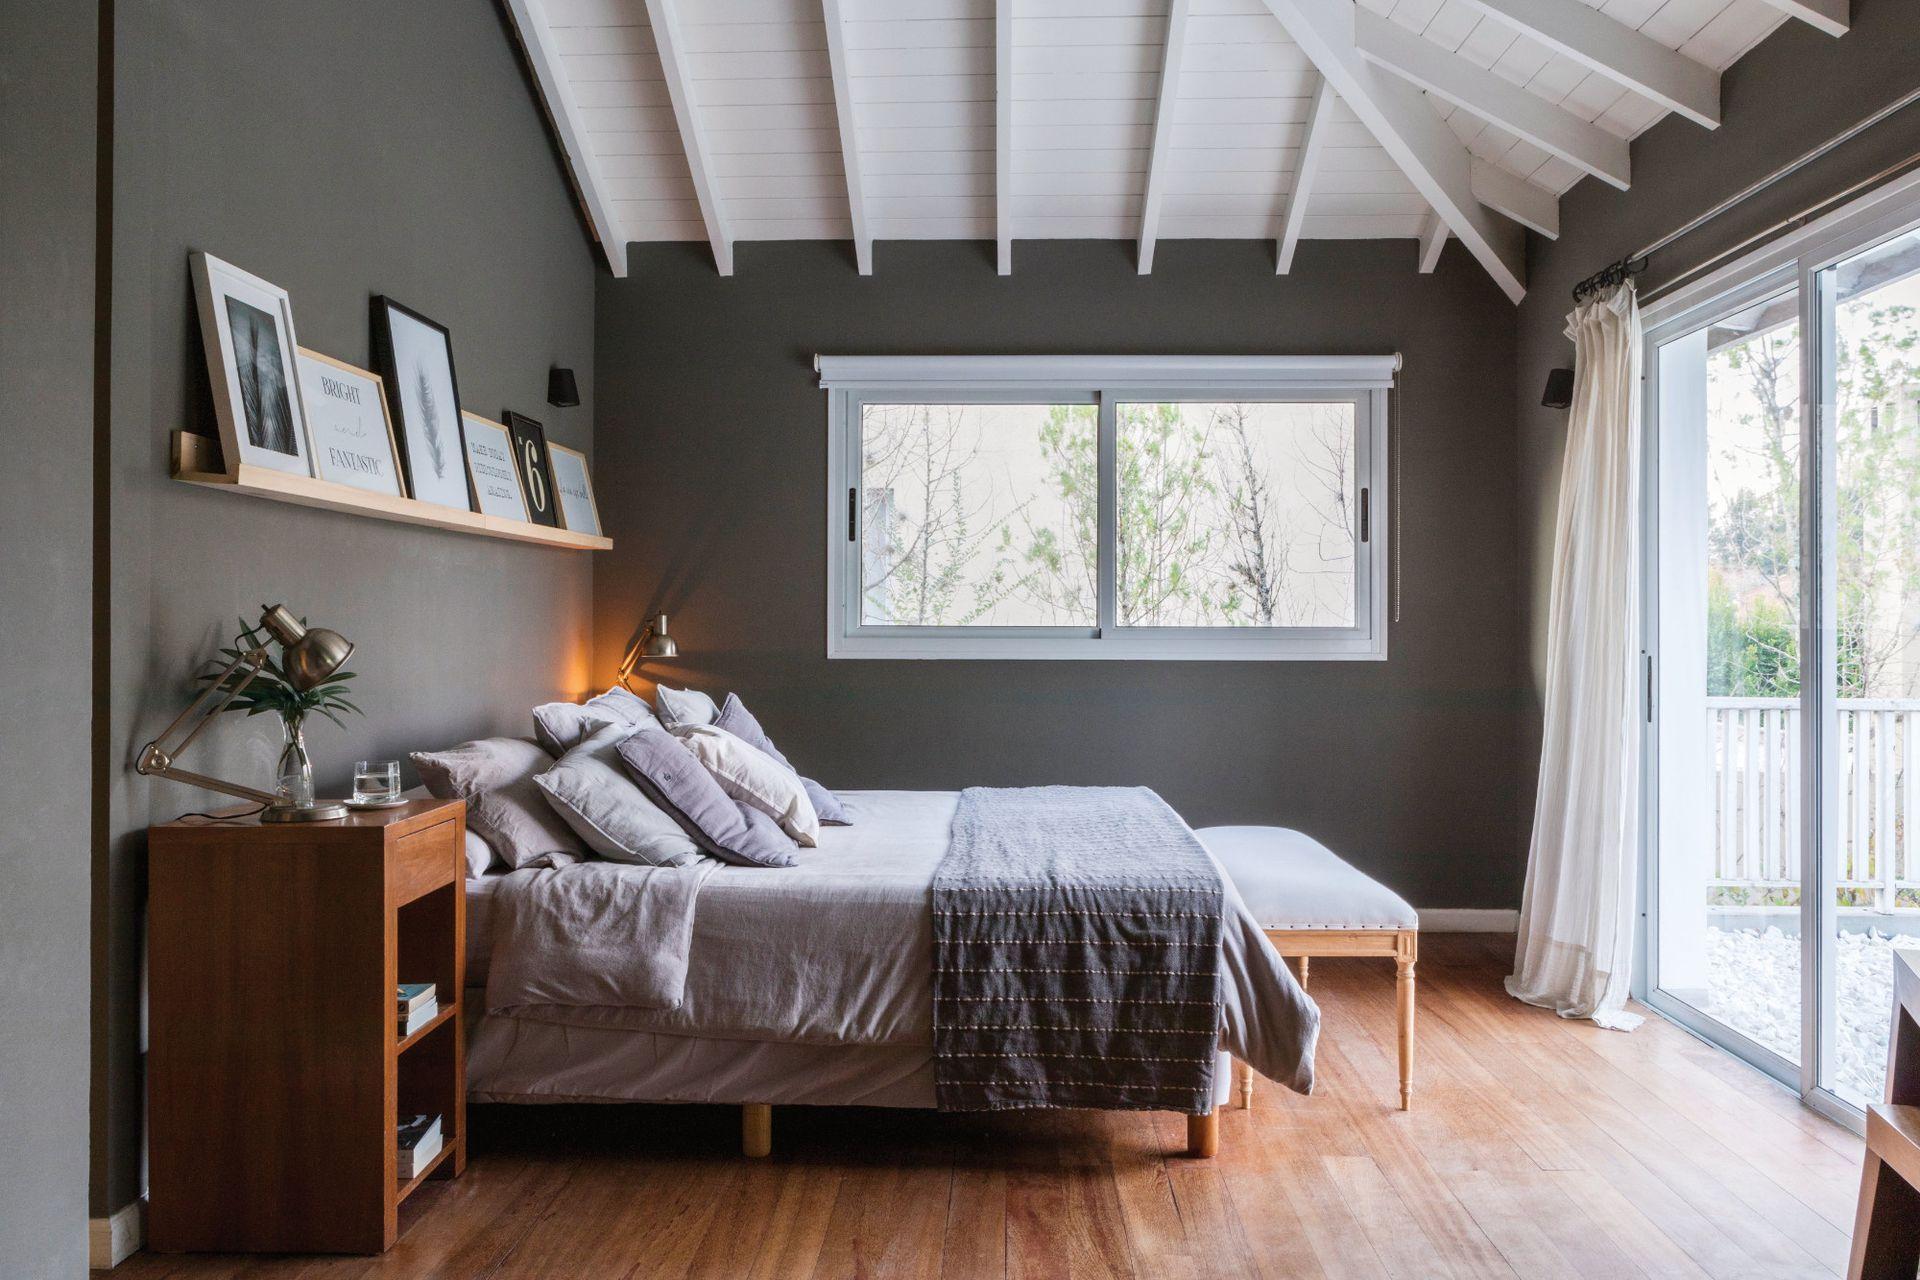 En el dormitorio con salida a una terraza propia y con escritorio integrado, somier (La Cardeuse), mesas de noche (Laura O), banco al pie de la cama (Paul French Gallery) y cuadros (Organizza).